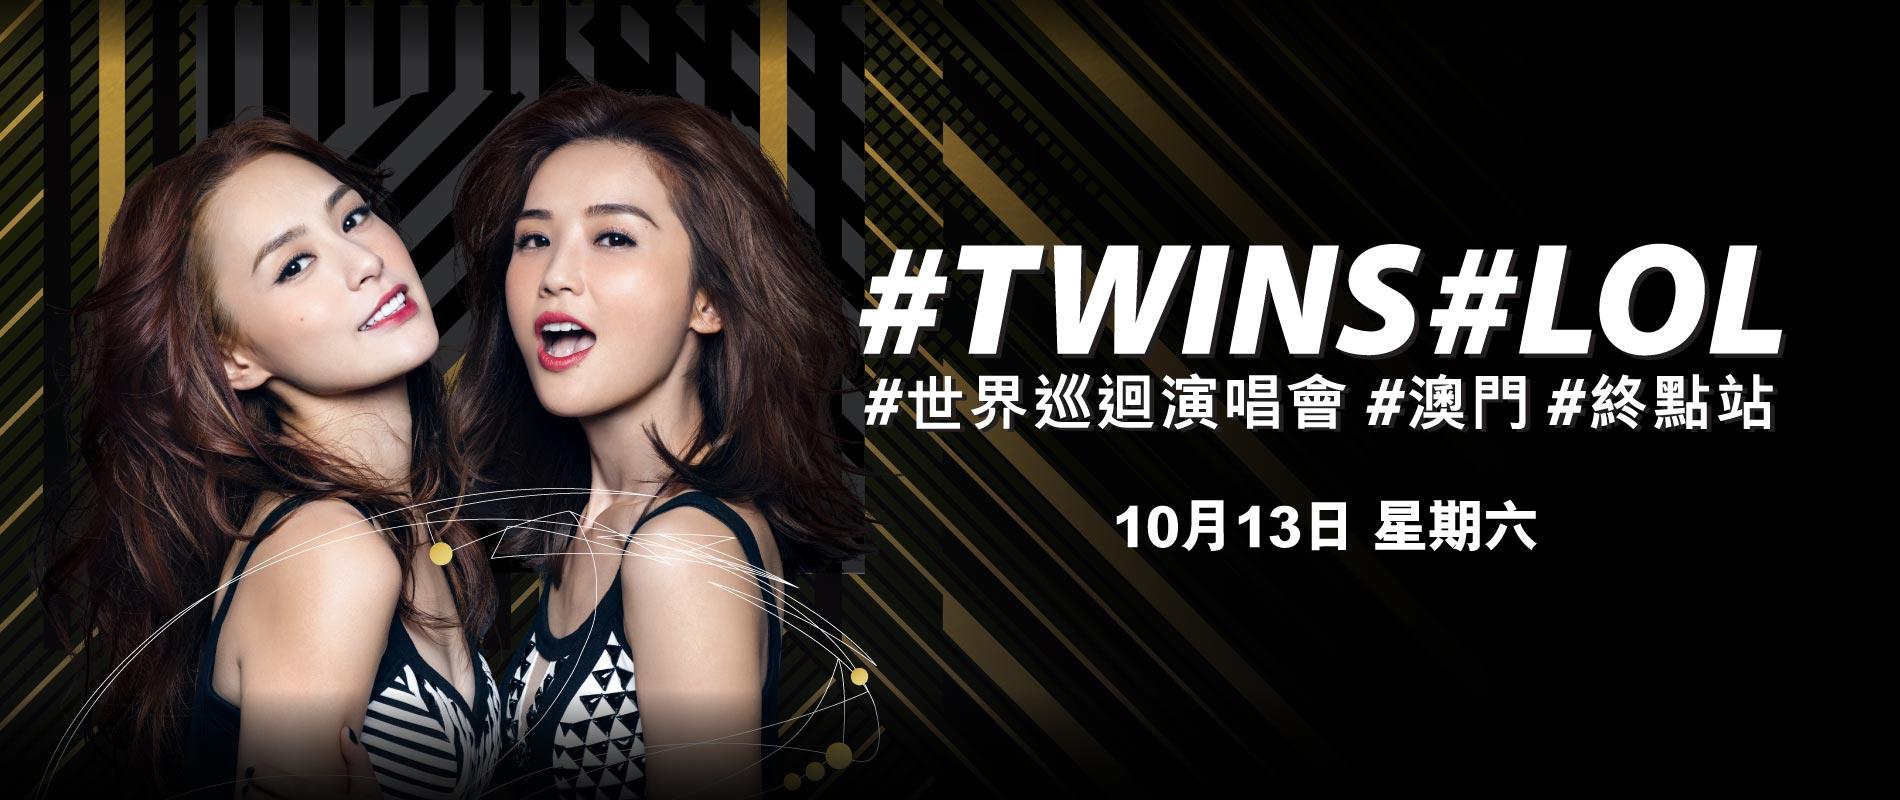 #TWINS #LOL #世界巡迴演唱會- 澳門威尼斯人金光綜藝館